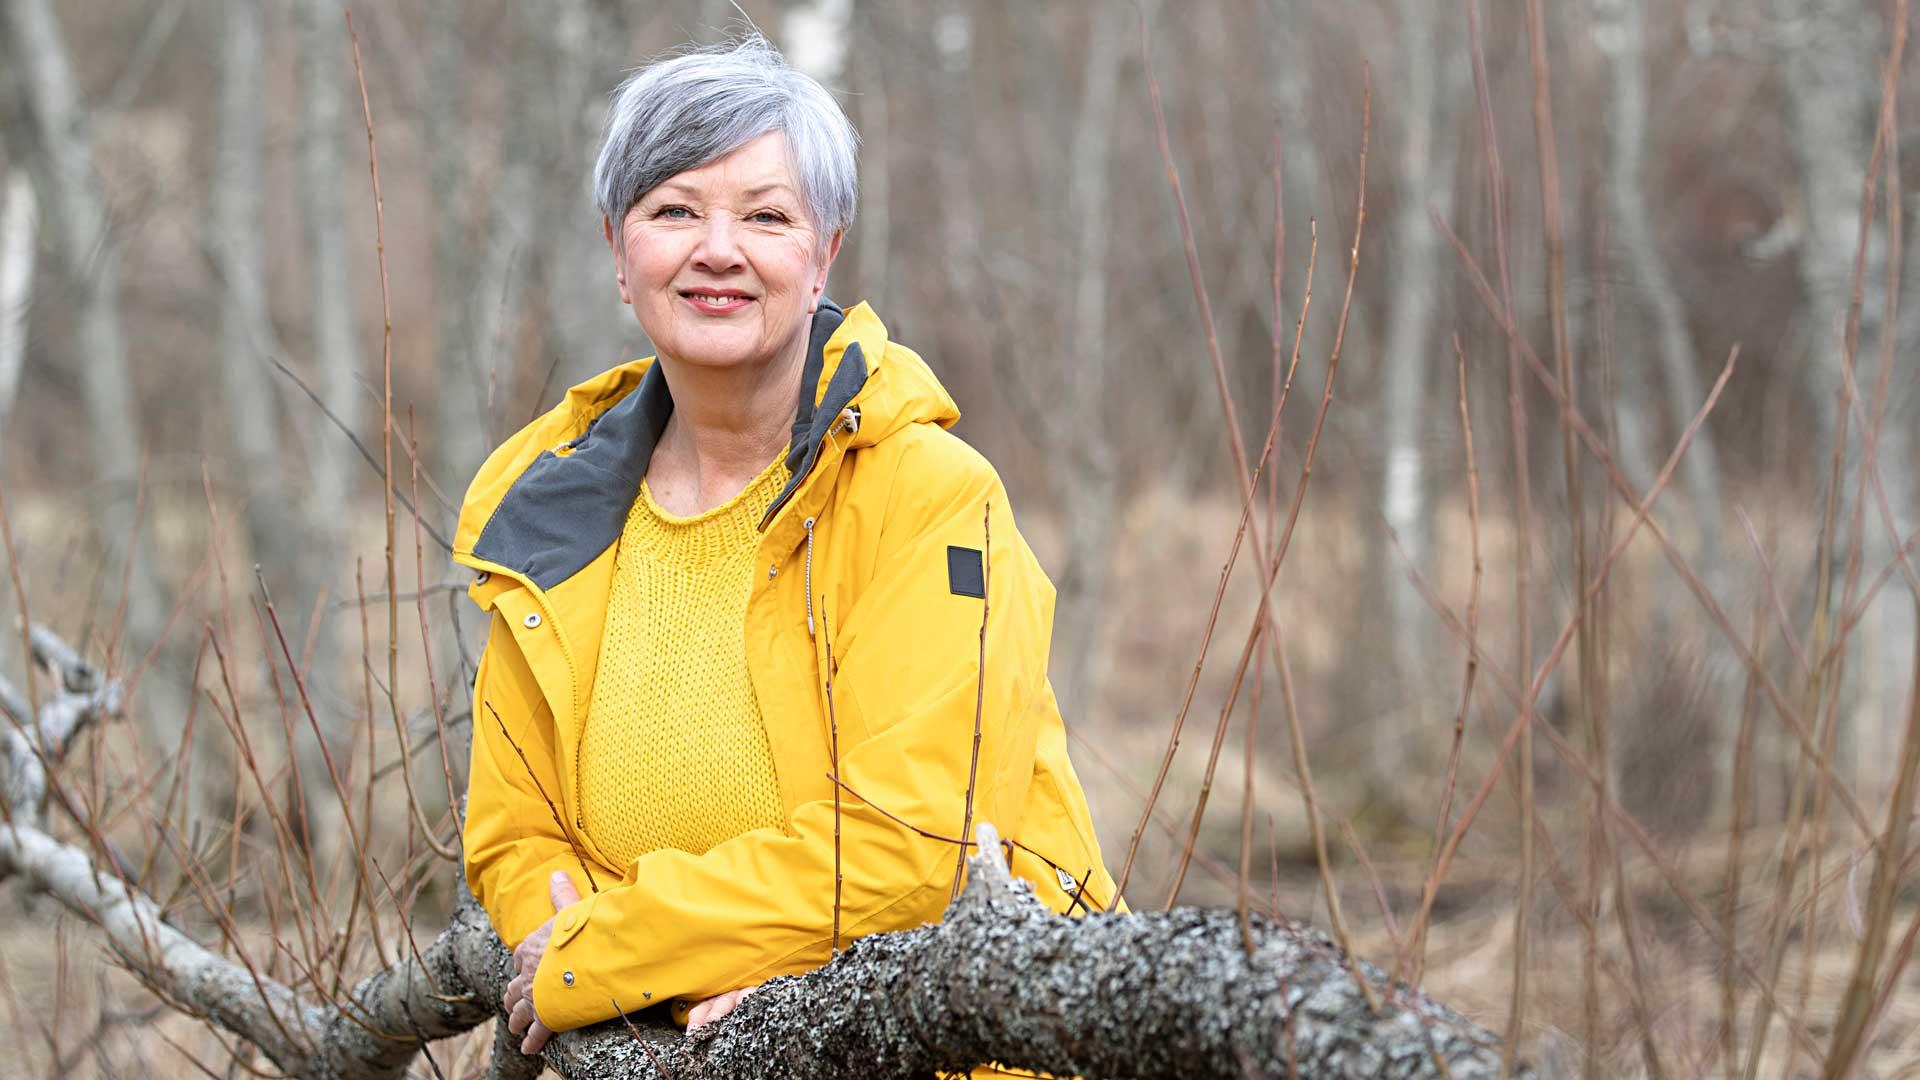 Lapsena Eija Hinkkala haaveili laulajan ammatista, mutta päätyi hammaslääkäriksi. Tehtyään elämänmuutoksen hän on ehtinyt tehdä laulamisen lisäksi paljon muutakin.